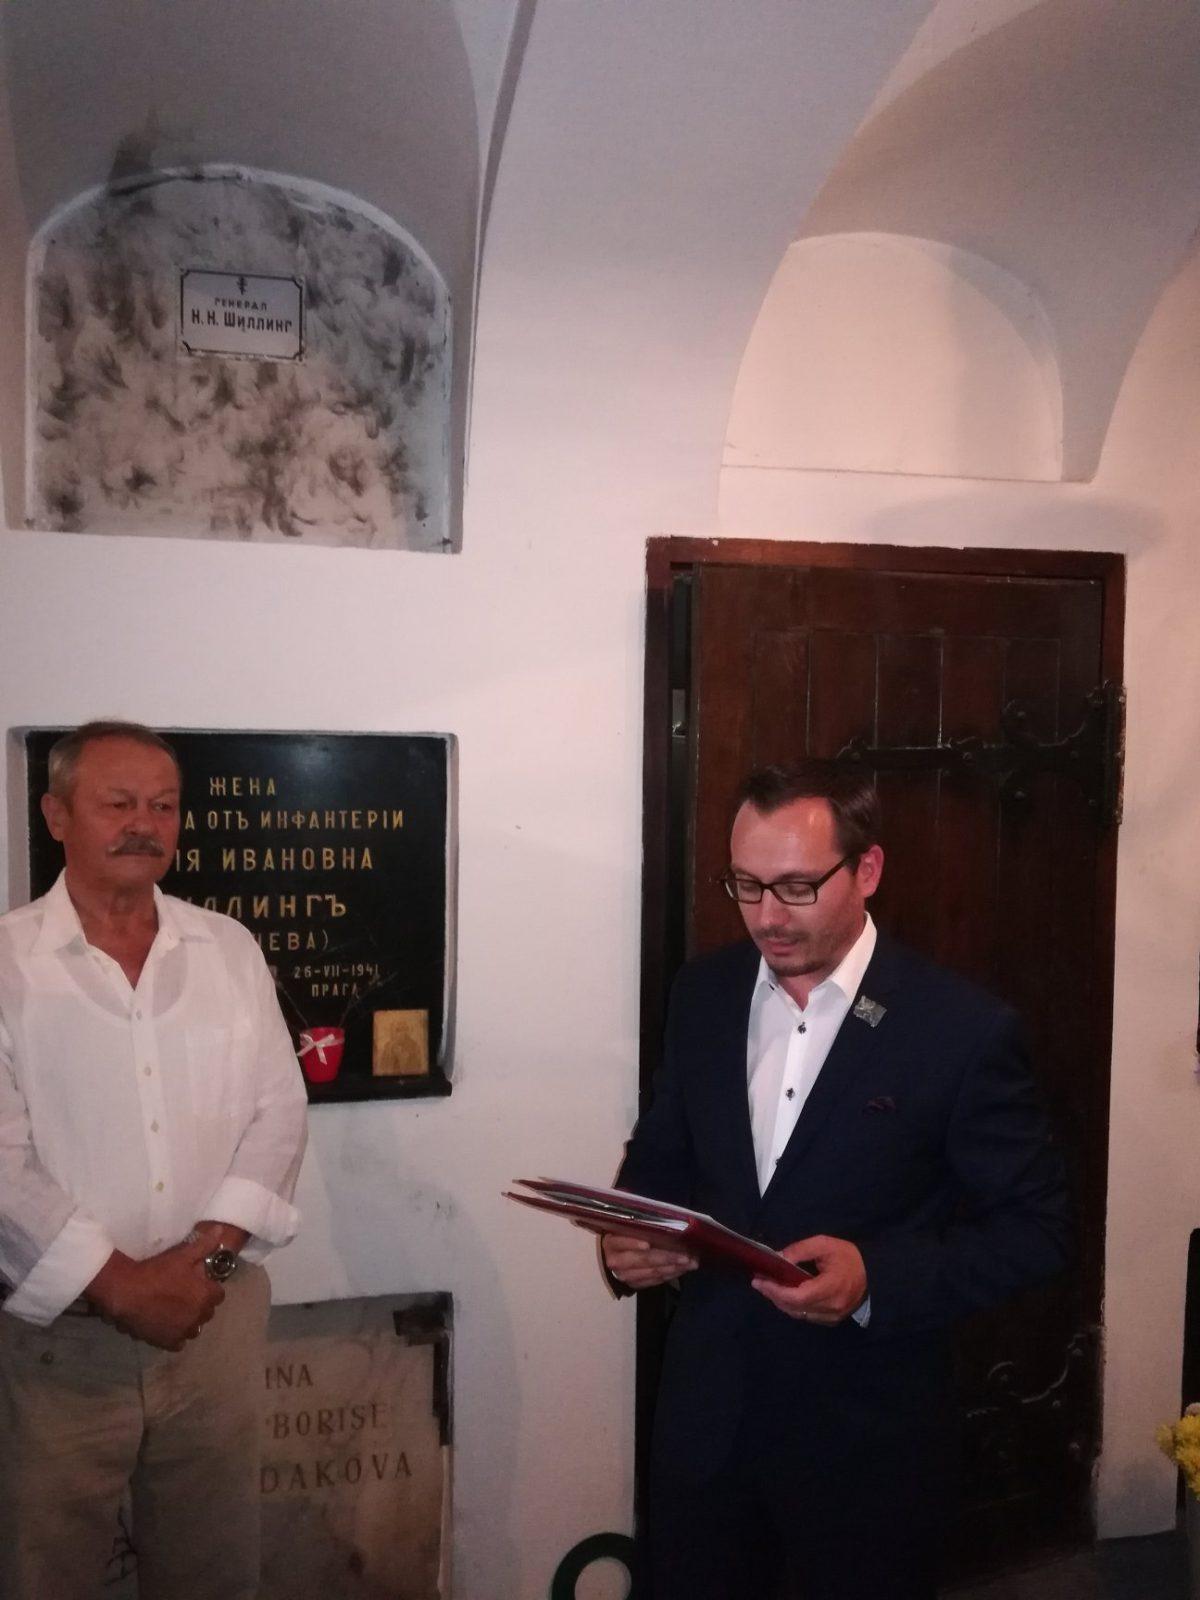 Projev ABB u hrobu Karla Kramáře, 29. června 2019